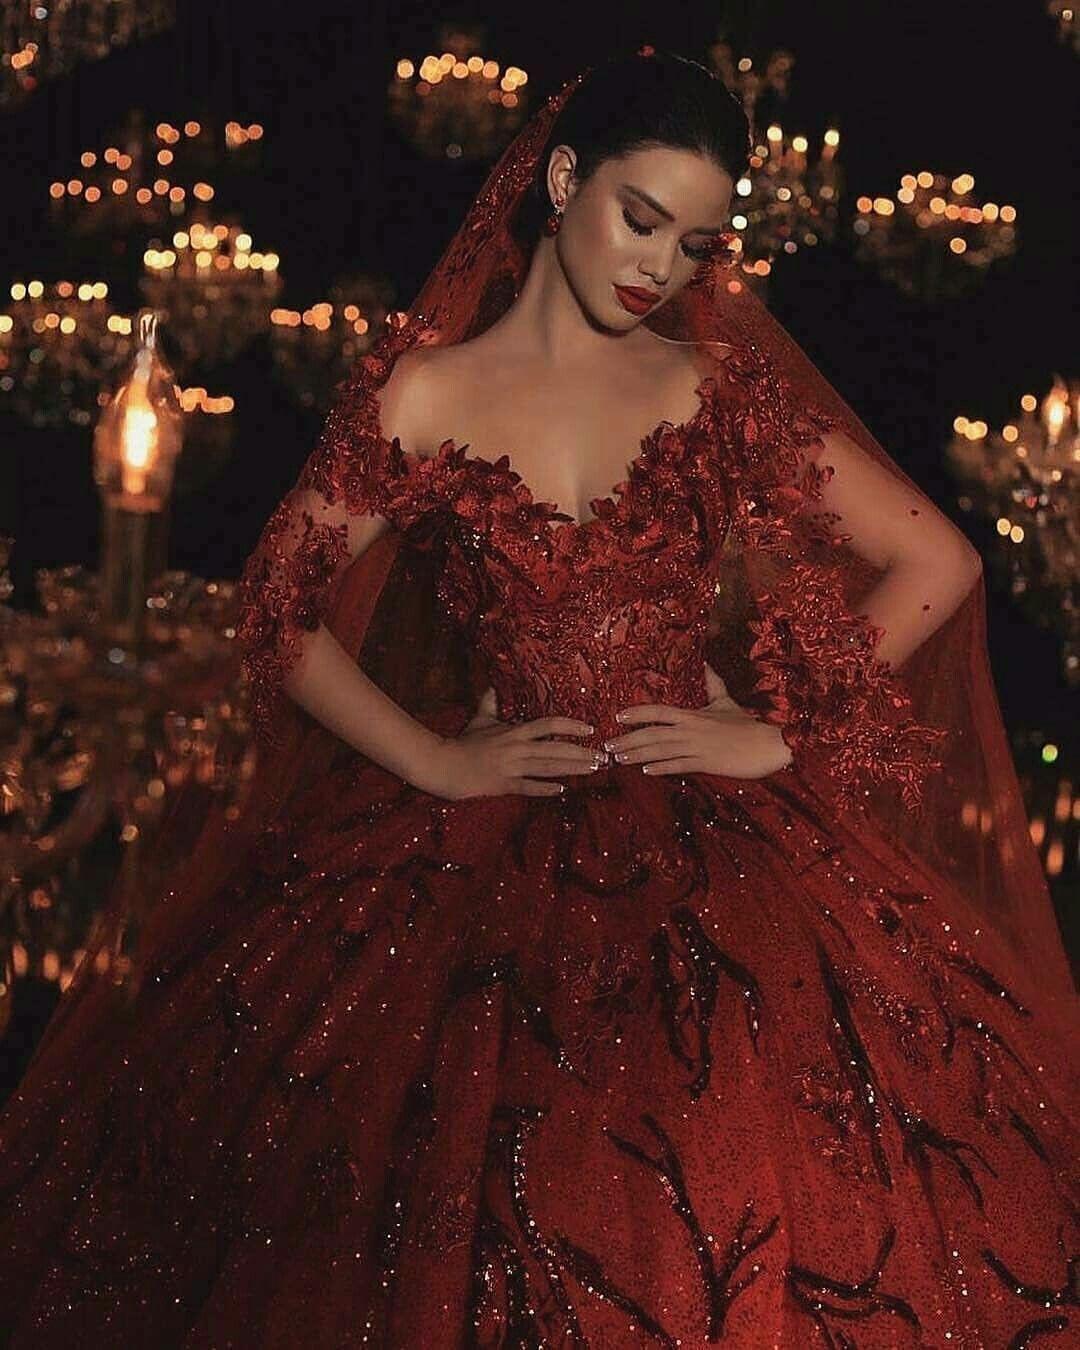 20 Luxurius Rote Kleider Für Henna Abend Ärmel10 Ausgezeichnet Rote Kleider Für Henna Abend Design